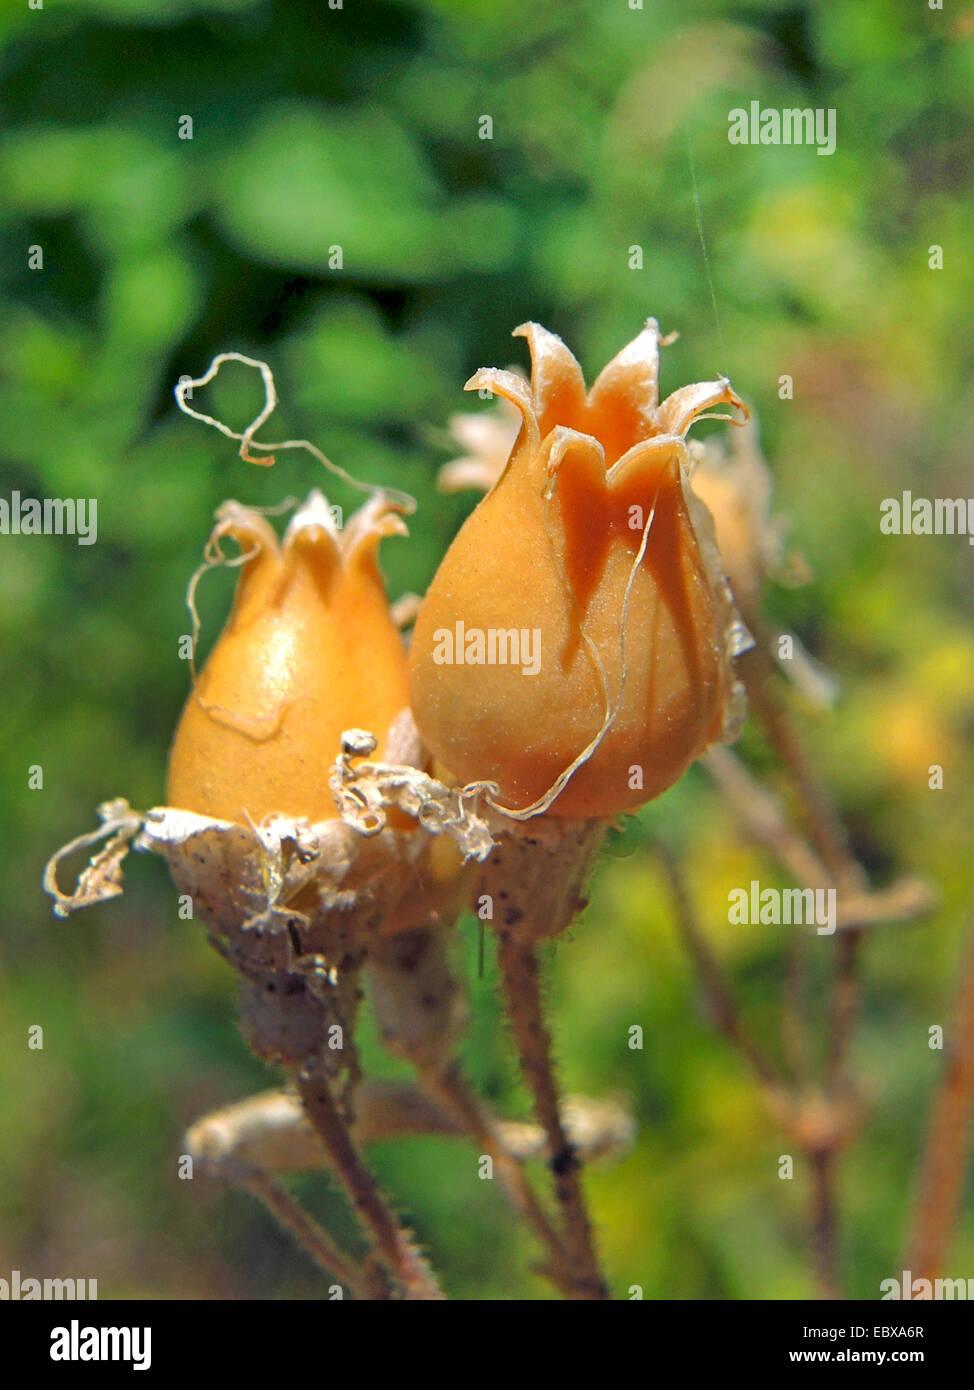 nottingham catchfly (Silene nutans), open capsule, Germany, Baden-Wuerttemberg - Stock Image